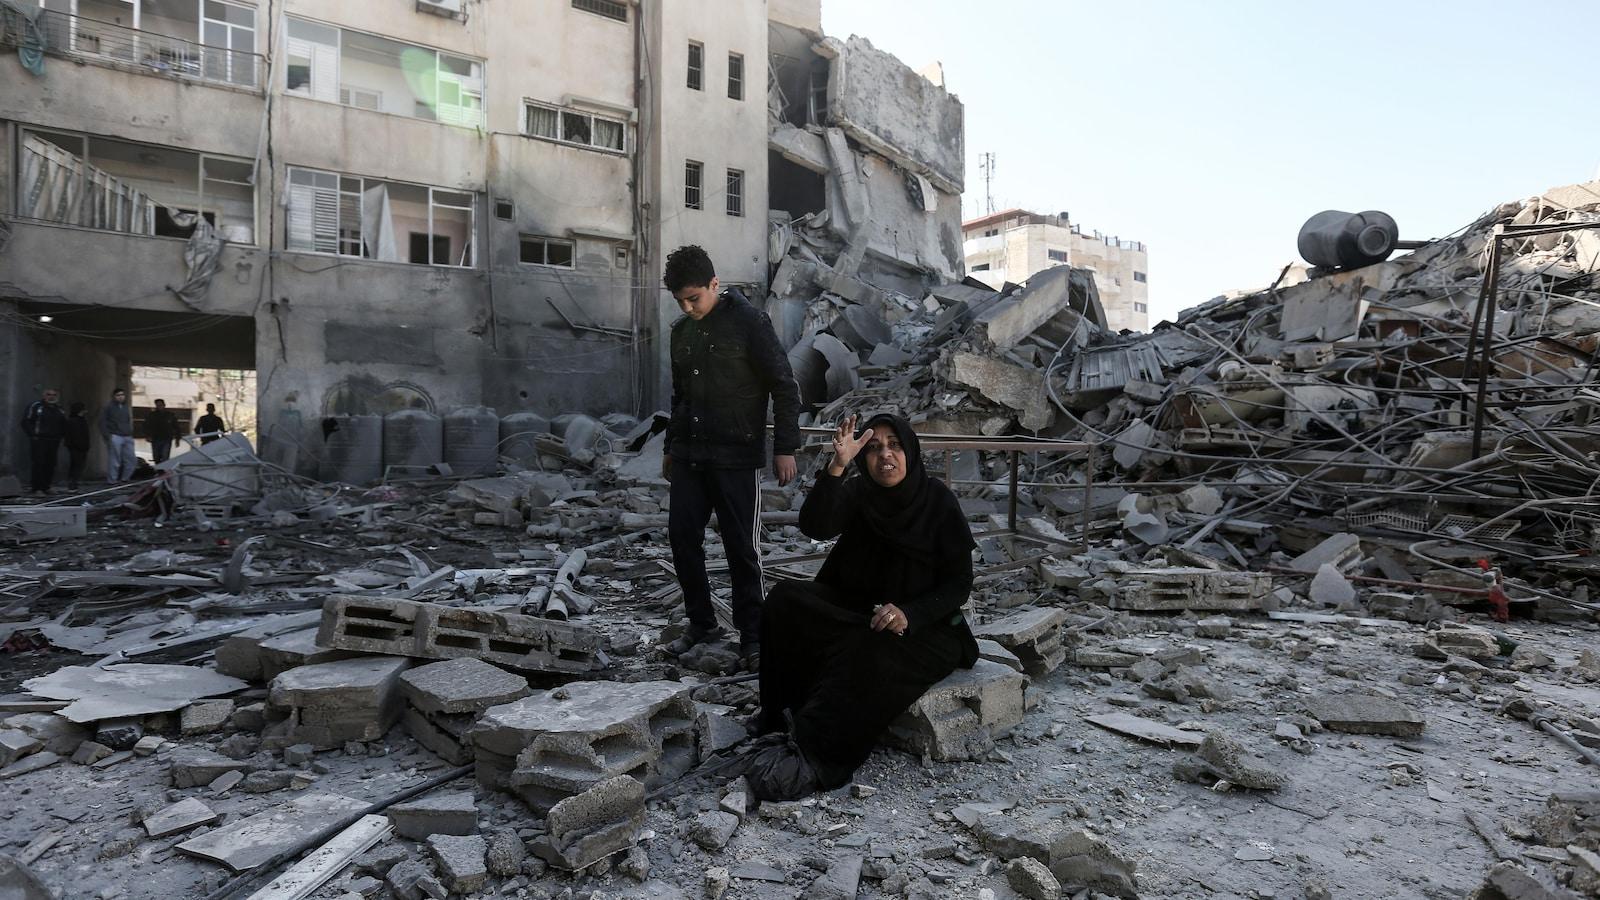 Une femme est assise sur des débris.